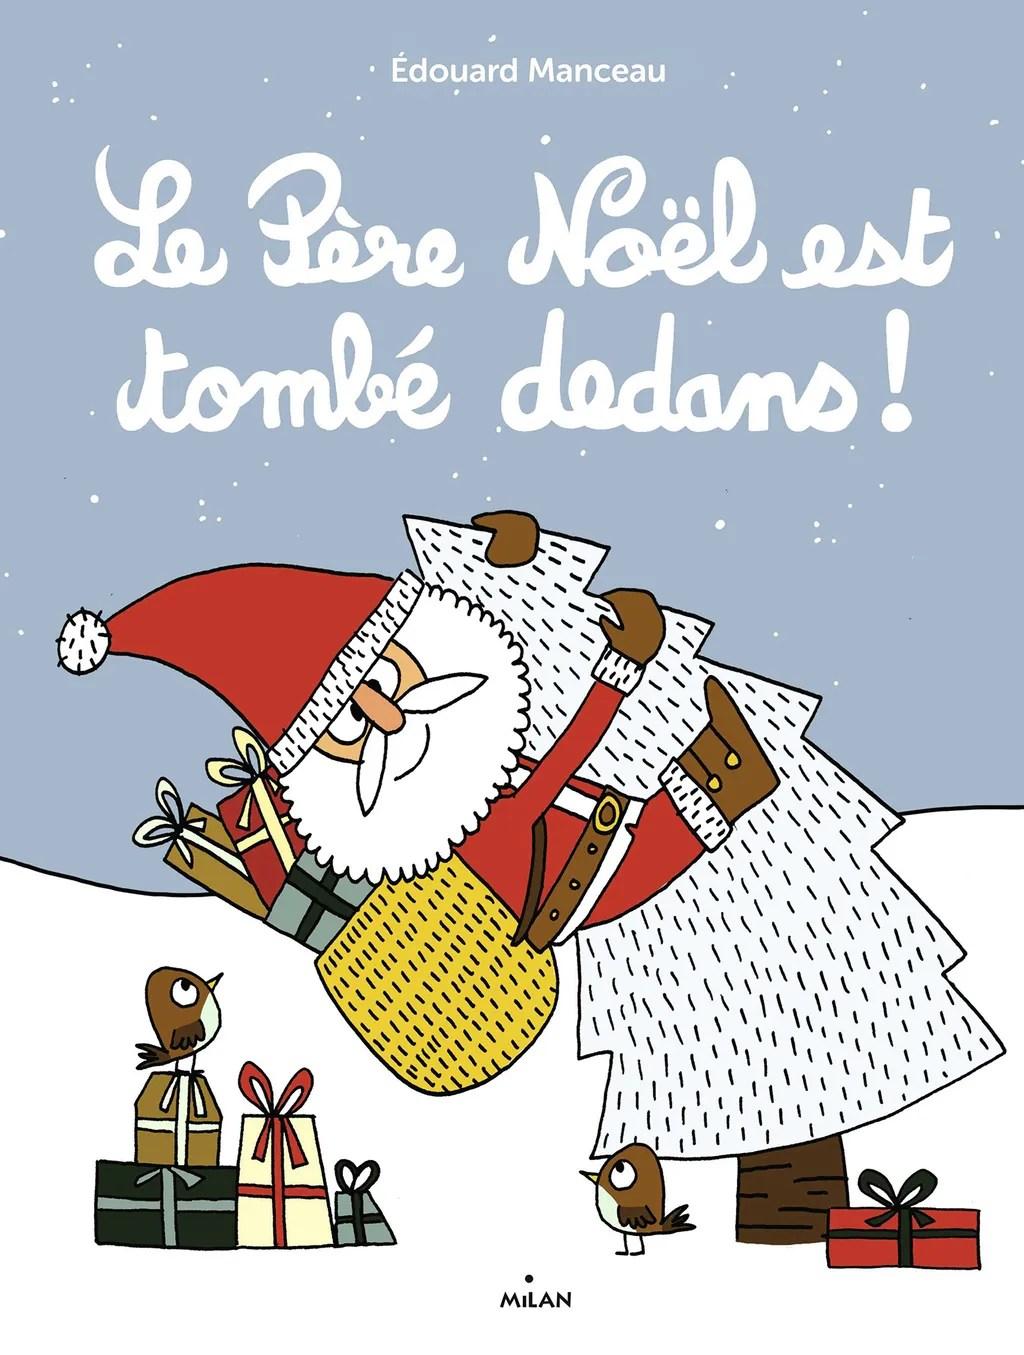 Qu Est Ce Qui Te Prend Pere Noel : prend, Père, Noël, Tombé, Dedans, Editions, Milan